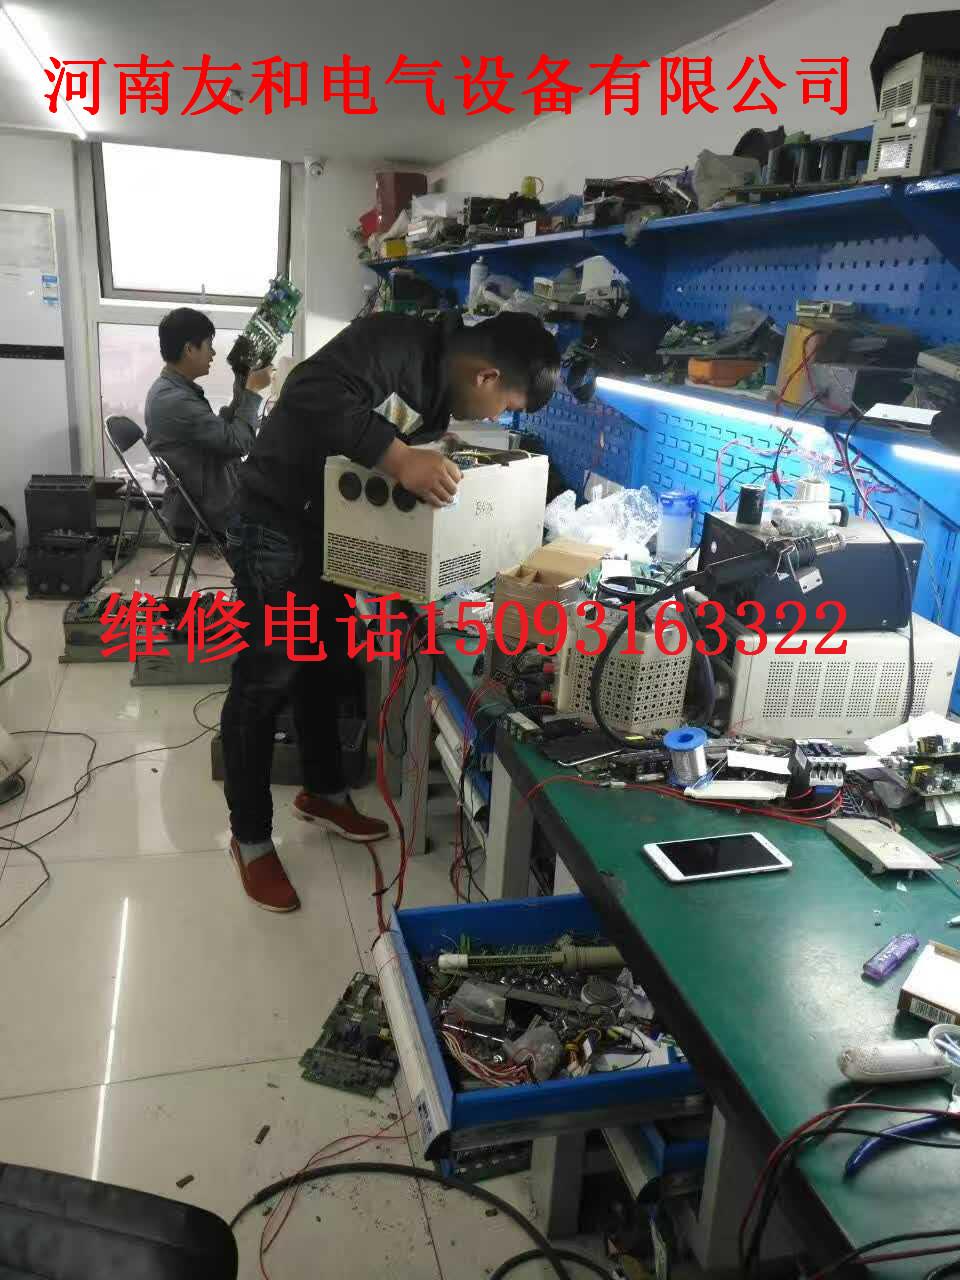 郑州西门子变频器维修郑州MM430、MM440、MM420变频器故障专业维修哪家好?首选河南友和电气